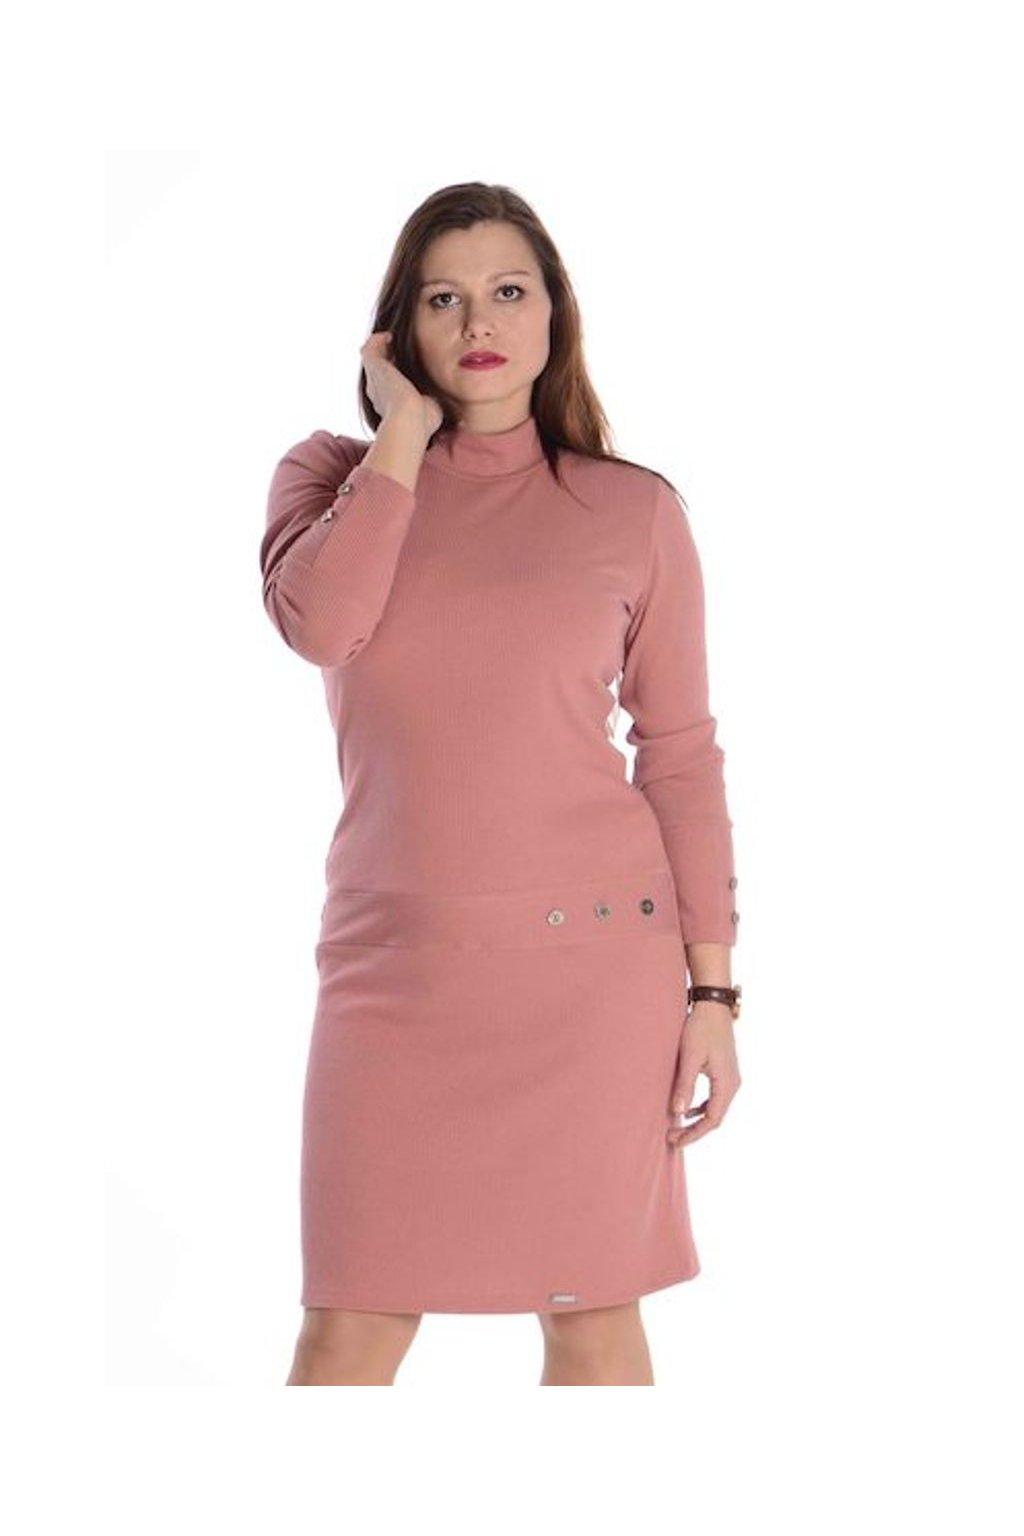 1521 Šaty Vera dl.rukáv (Velikost 36, Barva Růžová)